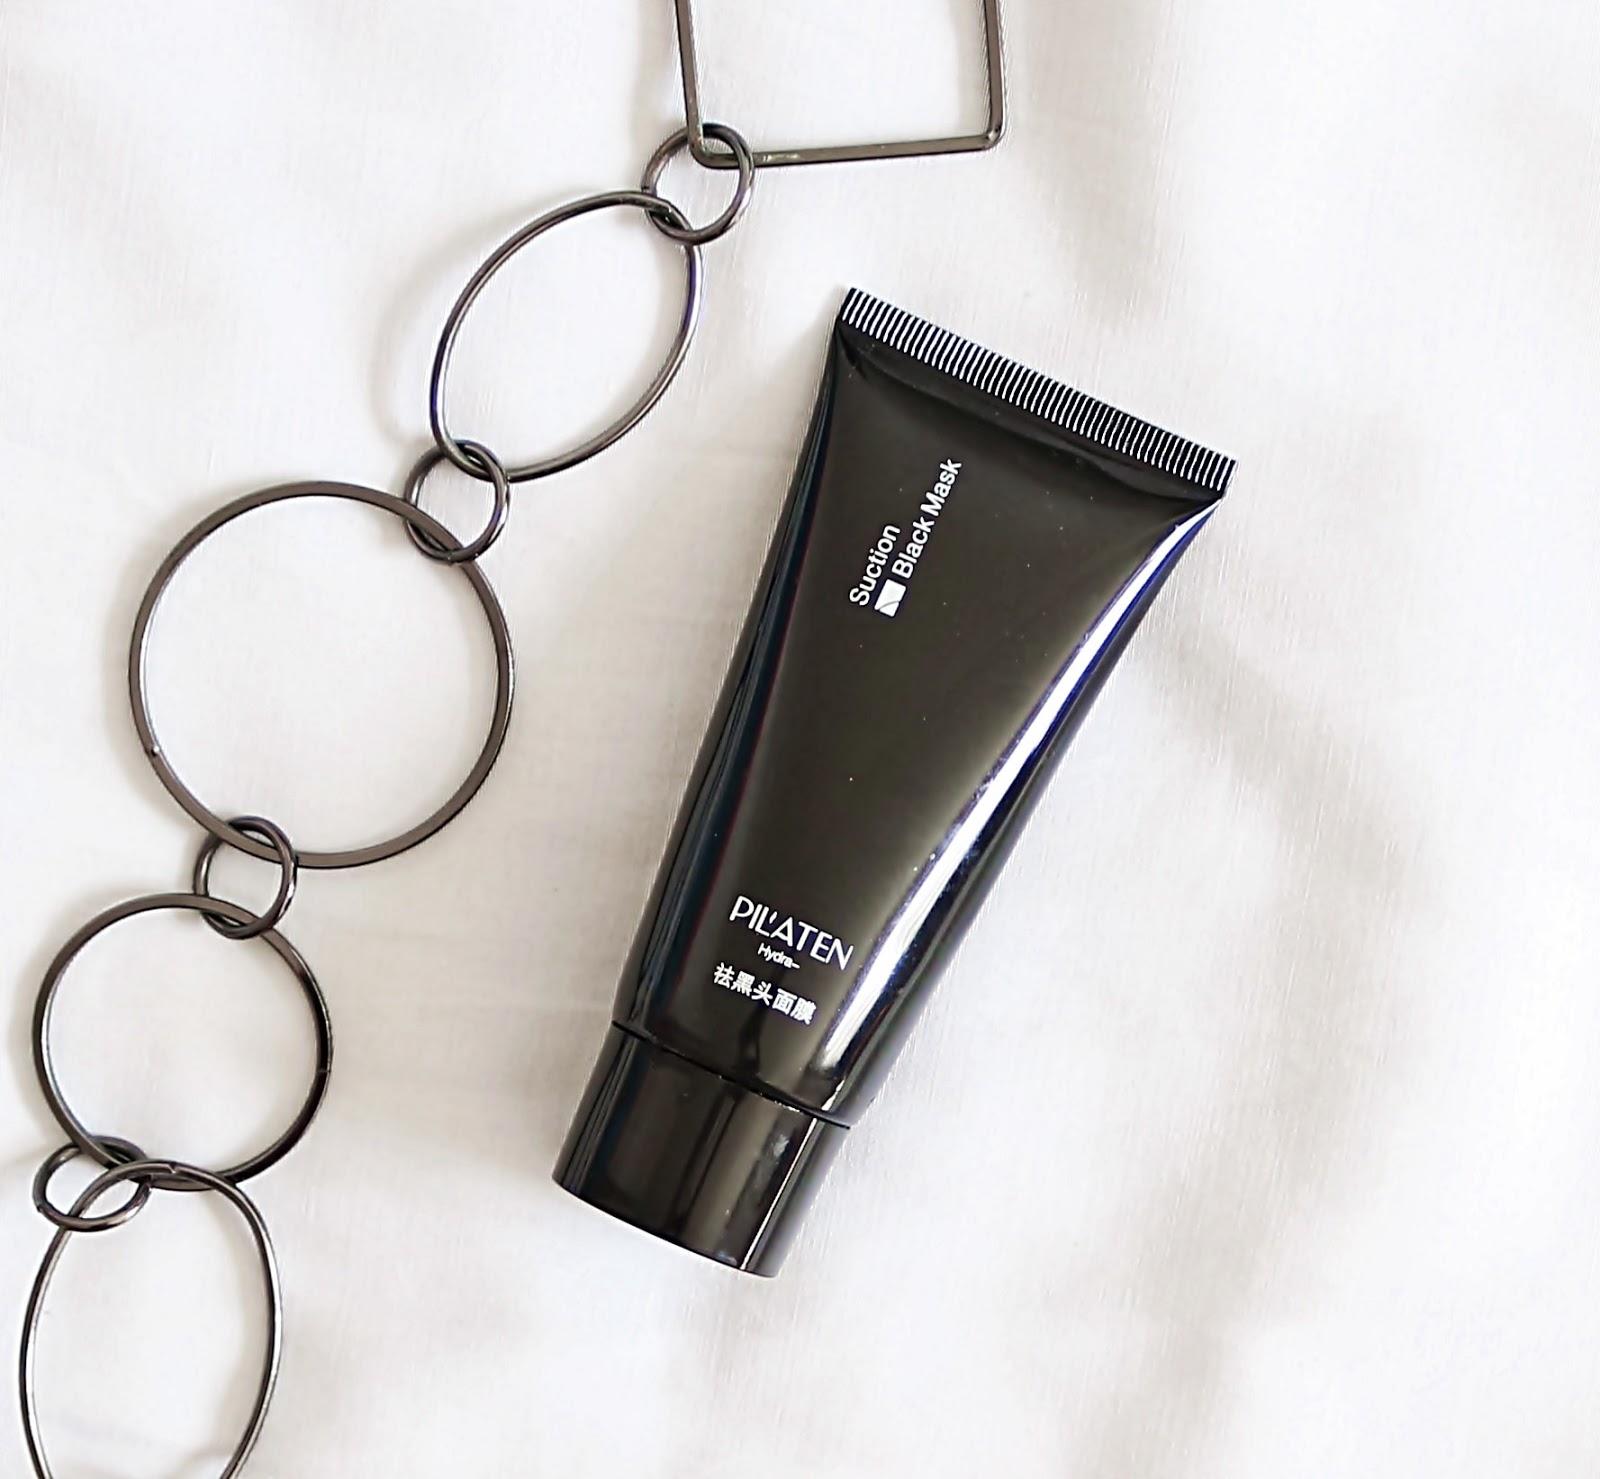 Kosmetyki, których NIE KUPIĘ ponownie! | Sephora, Wibo, It's Skin, l'Orient, Pilaten, L'biotica